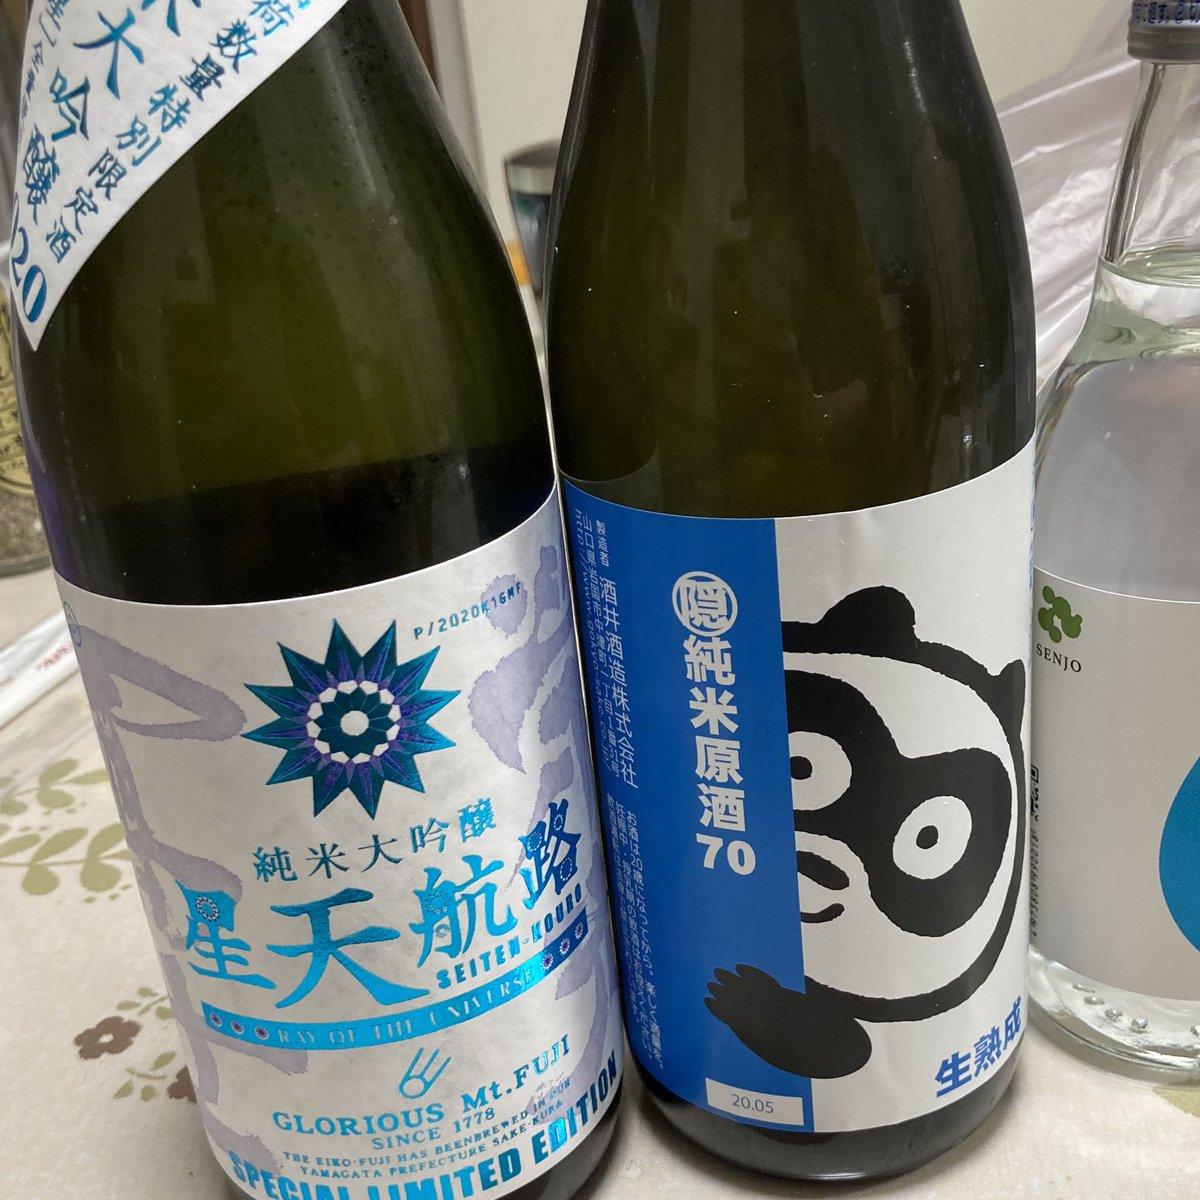 test ツイッターメディア - 栄光富士の星天航路と五橋の謎パンダ隠し酒買ってきました https://t.co/Ag3wkdmwNx